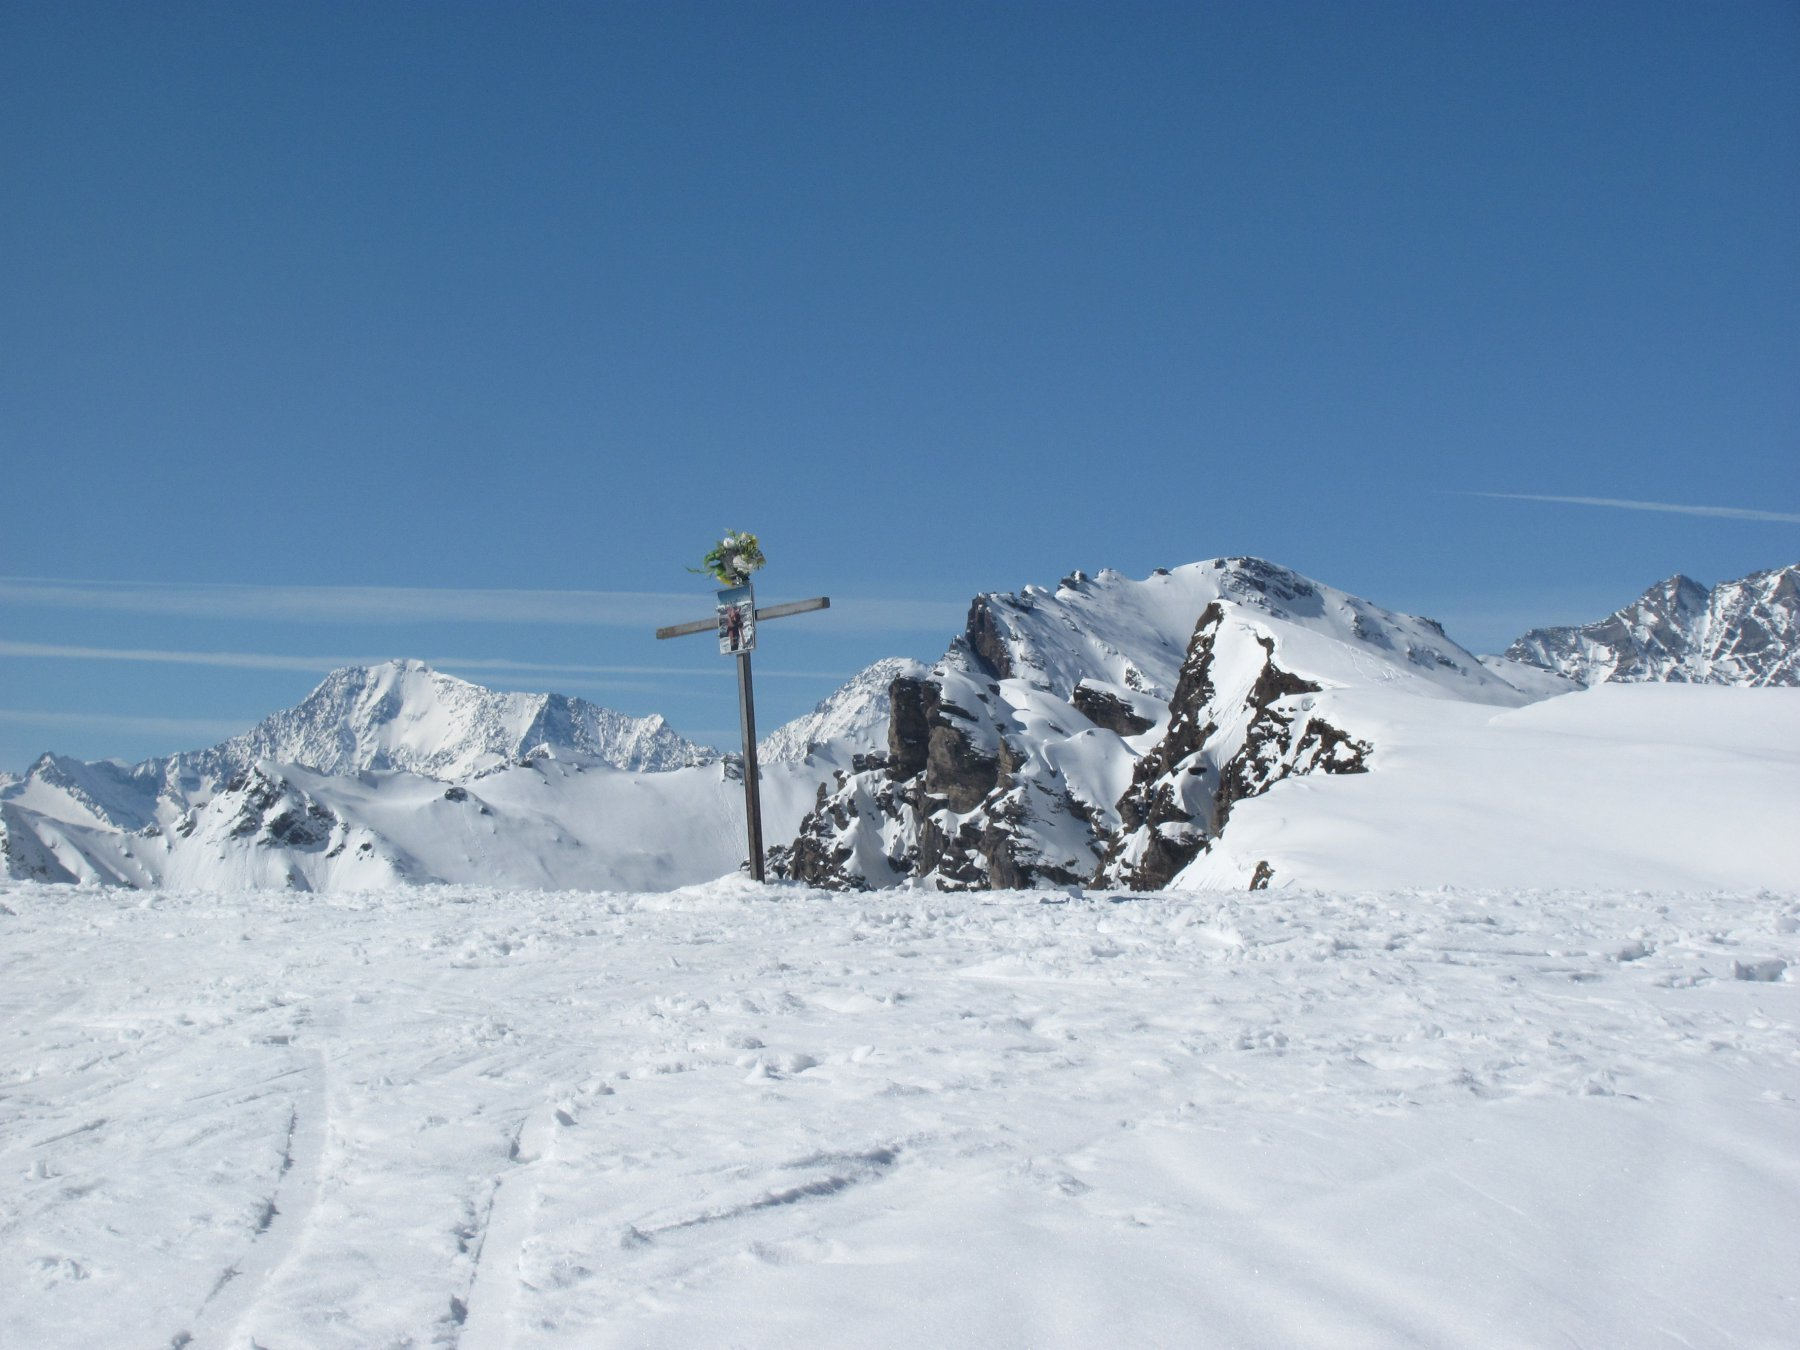 La cima senza nessuno (!), con la P.ta d'Orogna alle spalle in primo piano